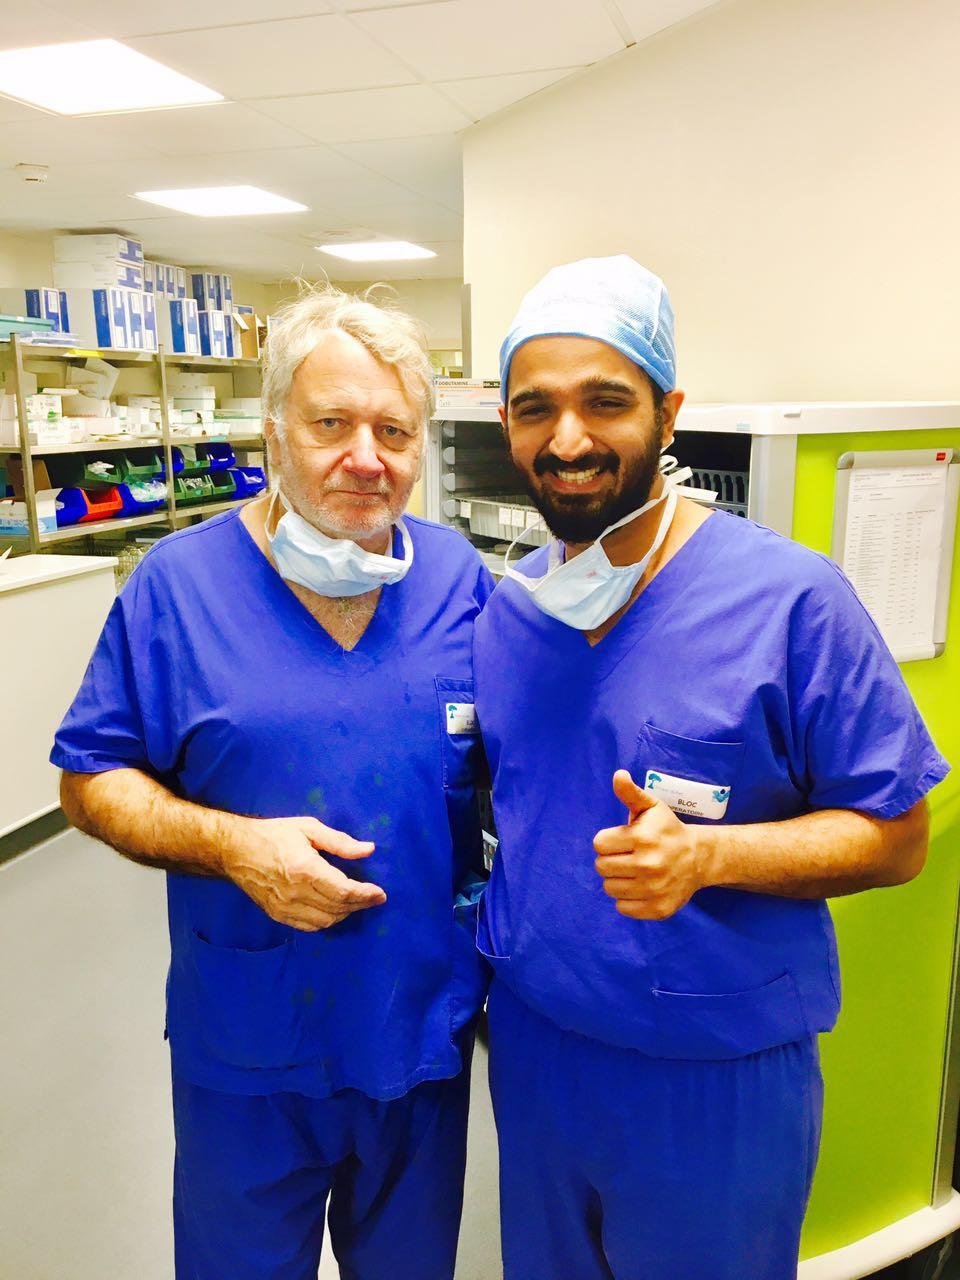 Dr. Kush mukhi has c